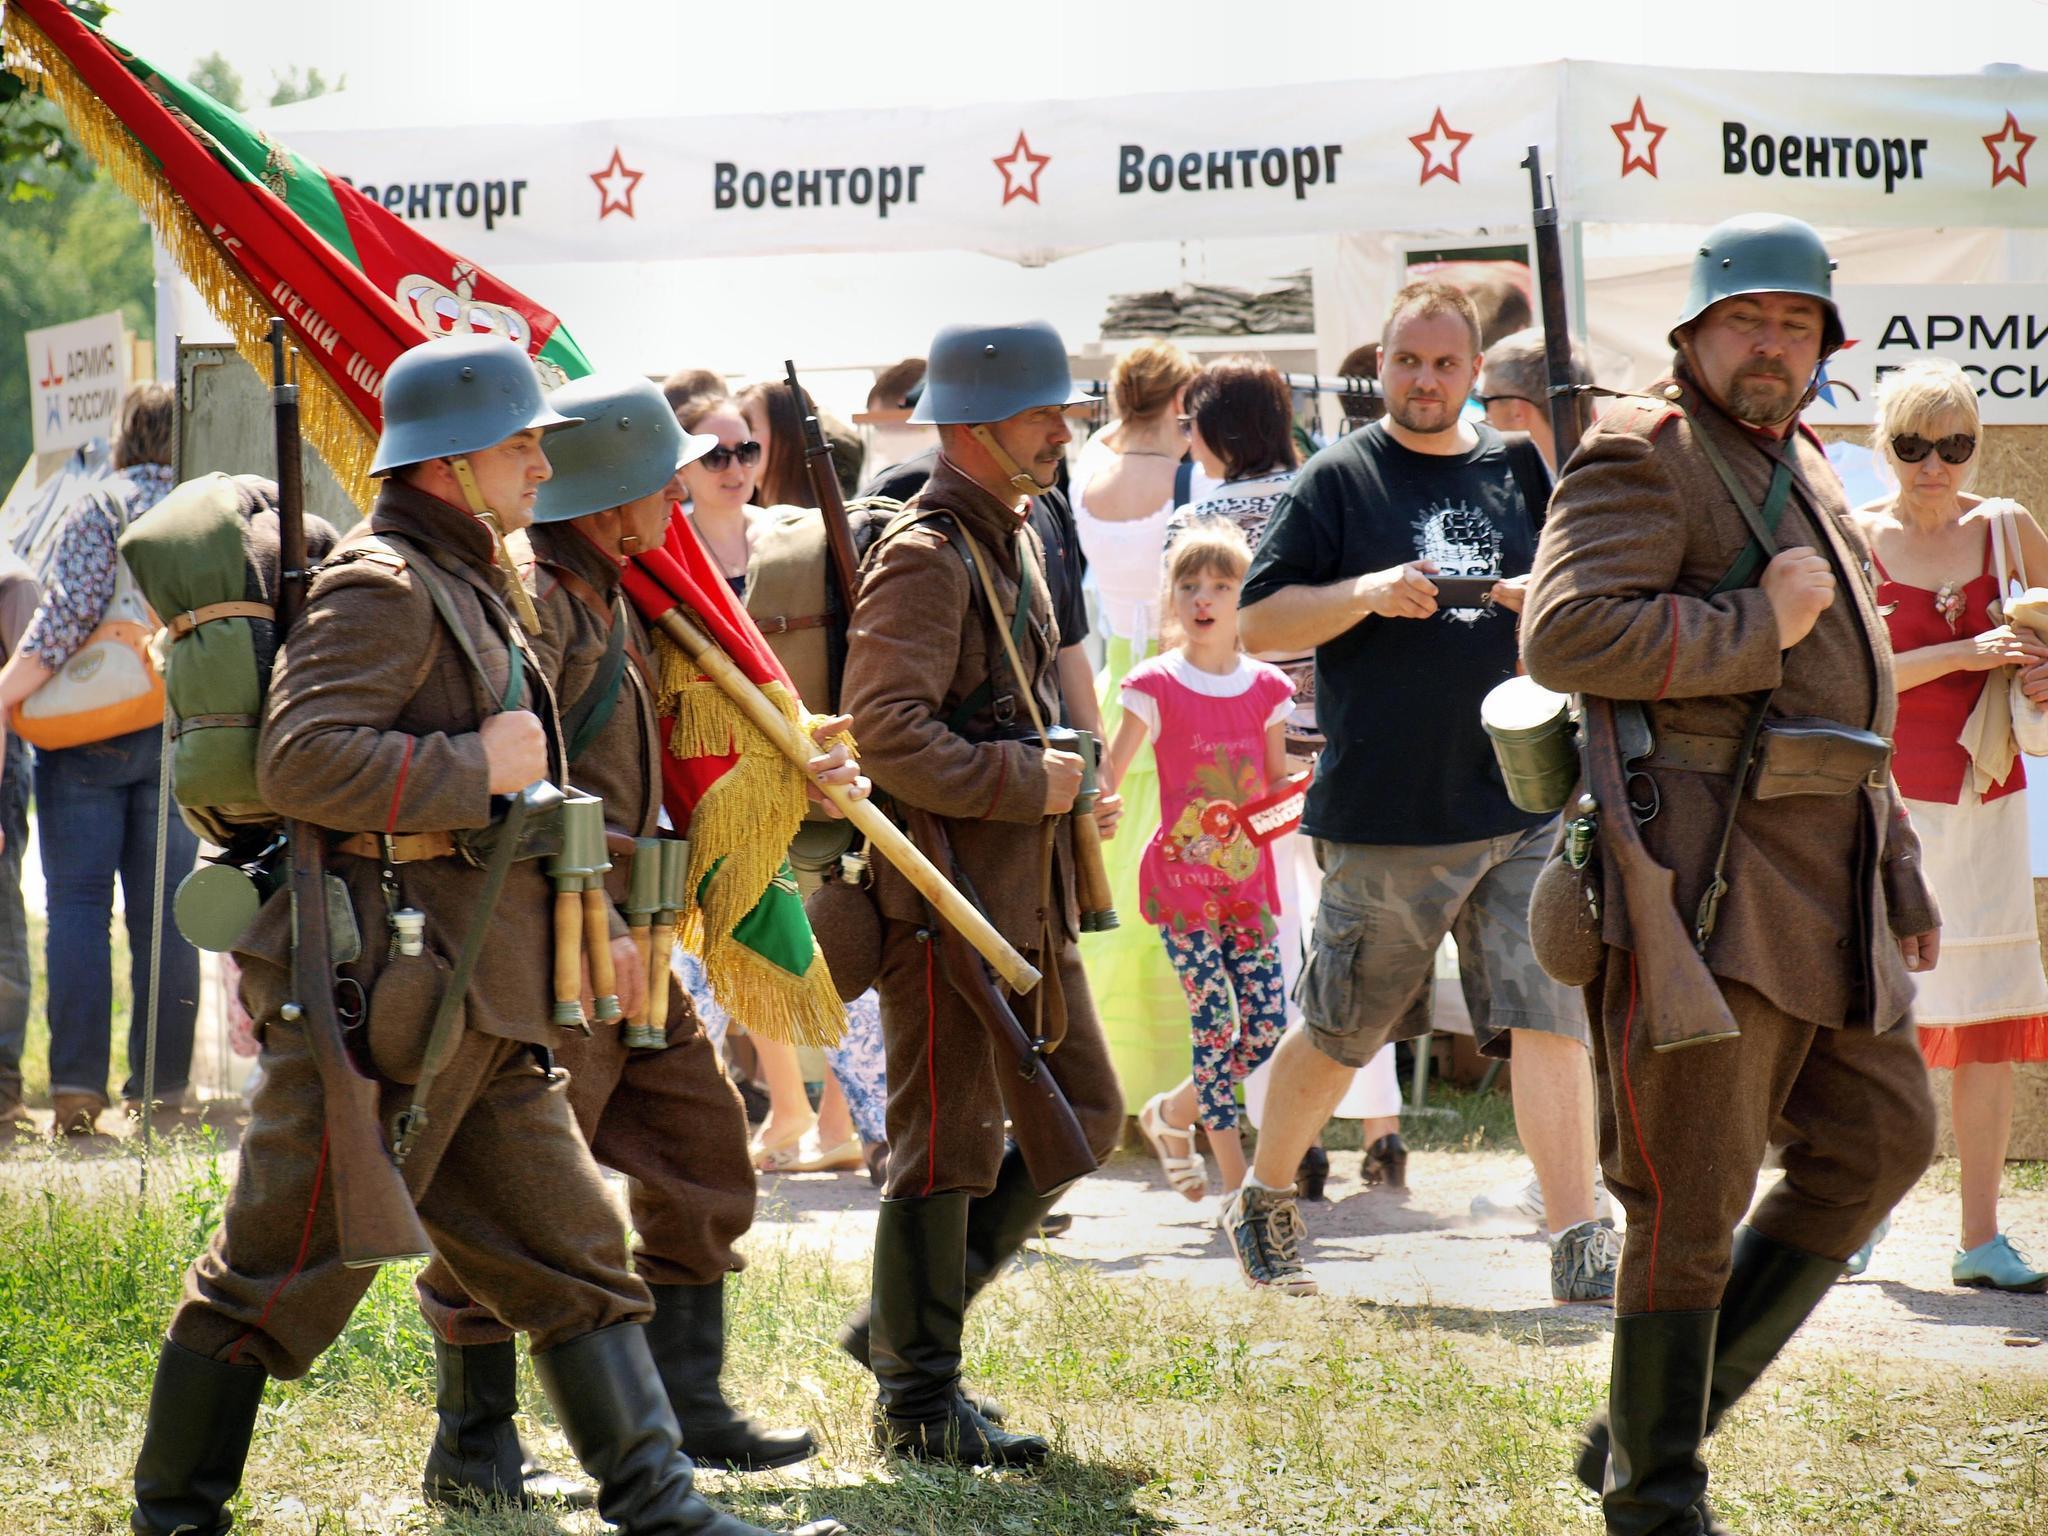 Воины Люблянского 17-го пехотного полка Австро-Венгерской армии. Фотография Малец Михаила Георгиевича